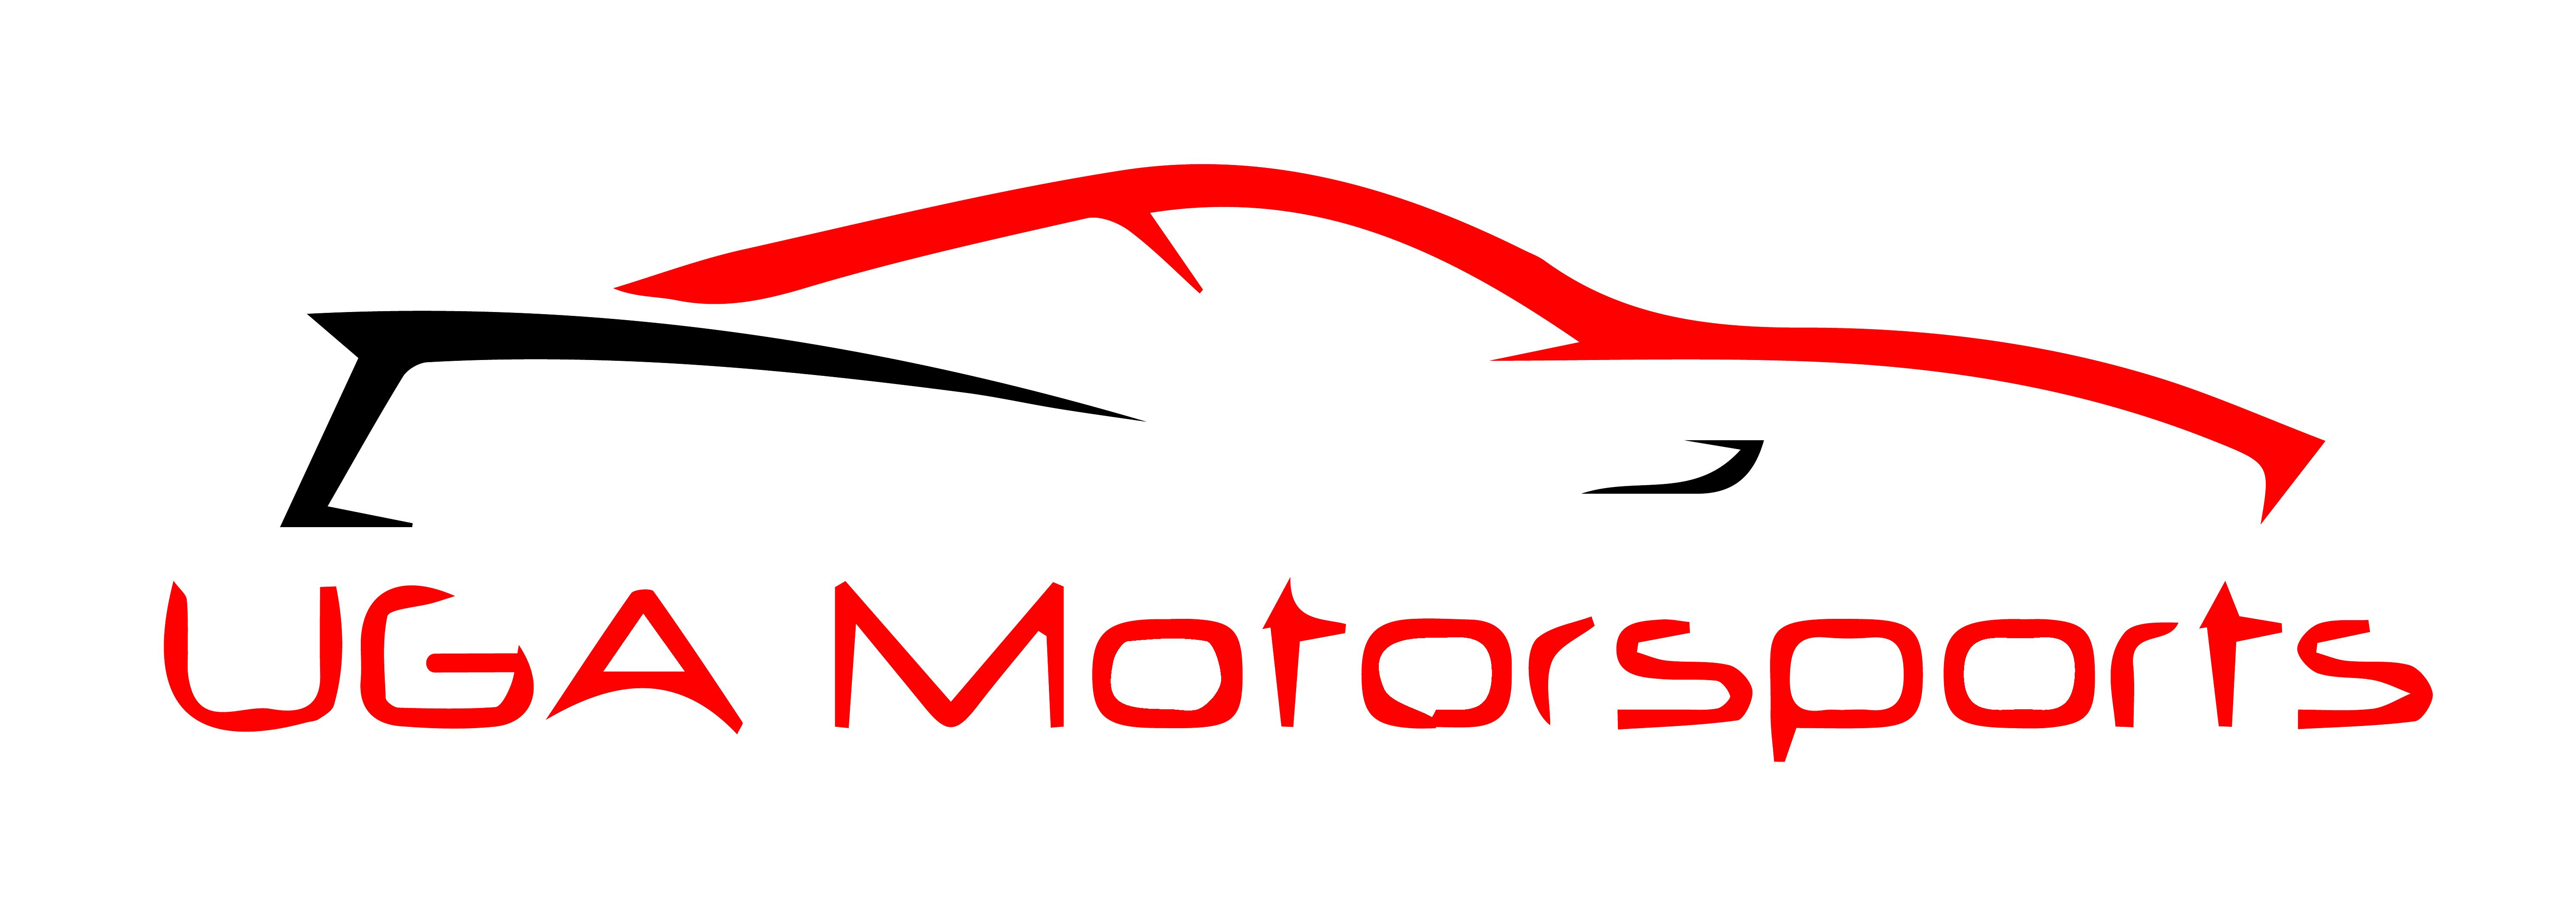 UGA Motorsports